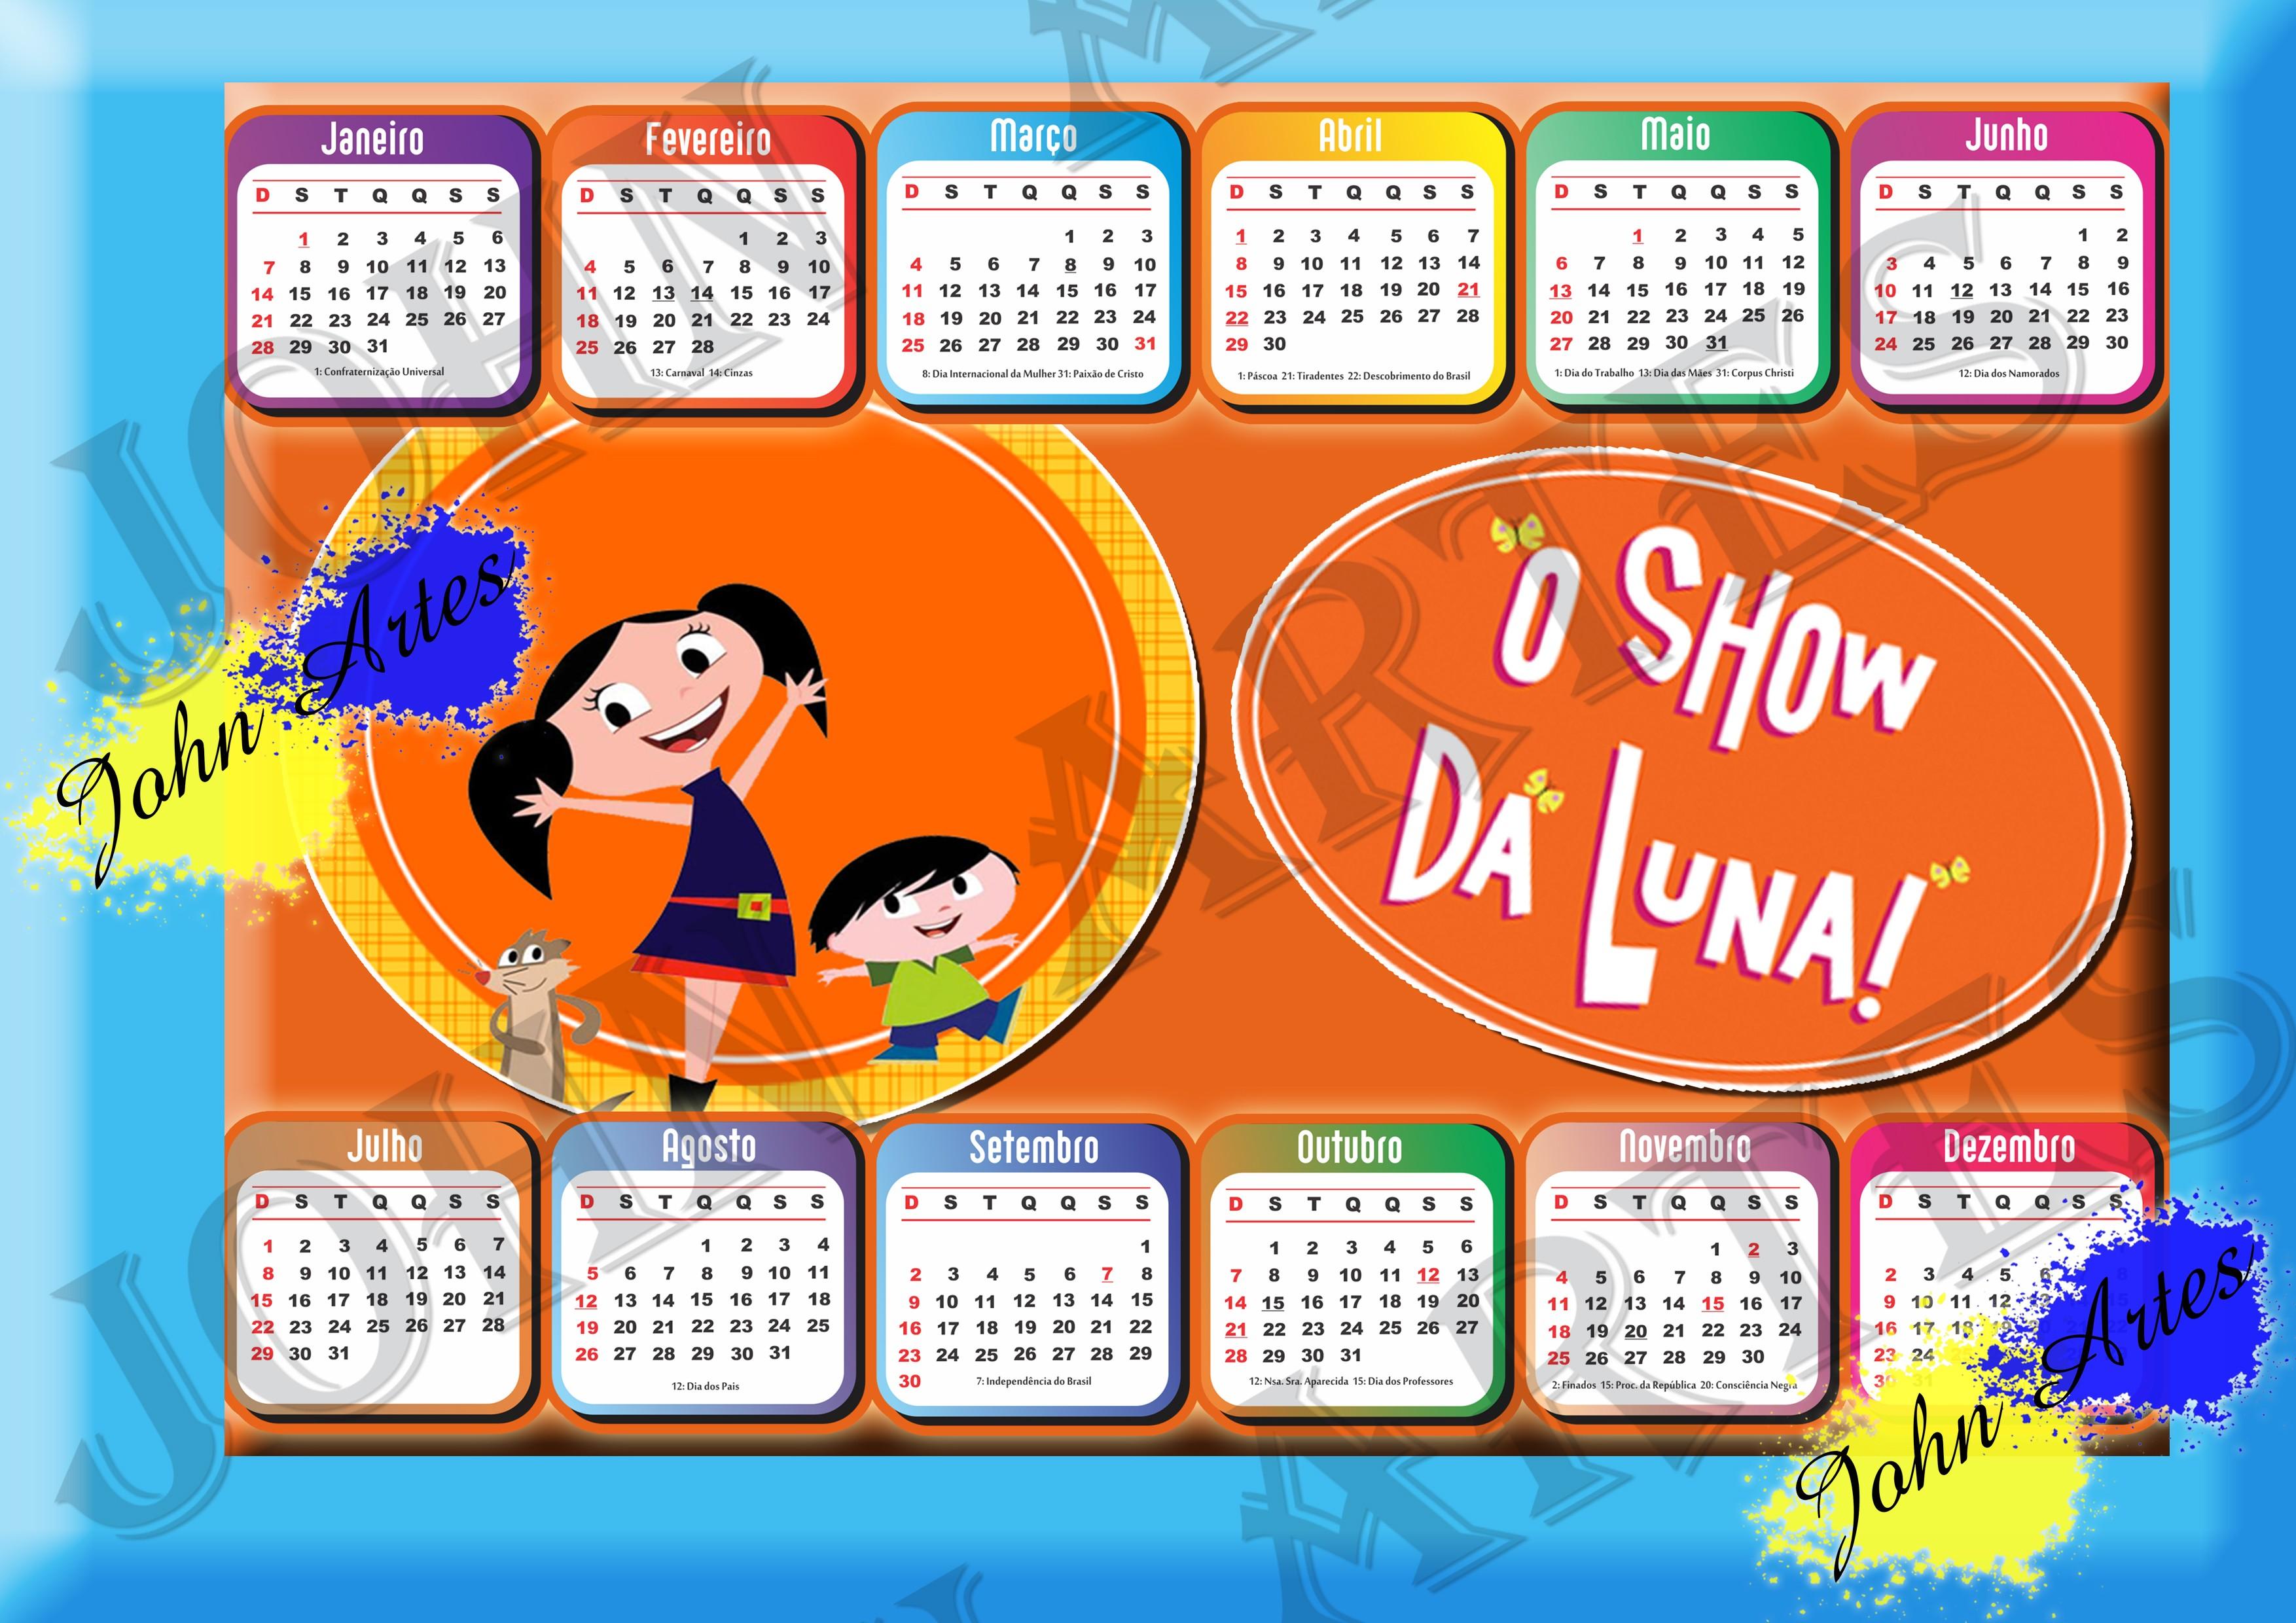 calendario 2018 arte digital show da luna calendario